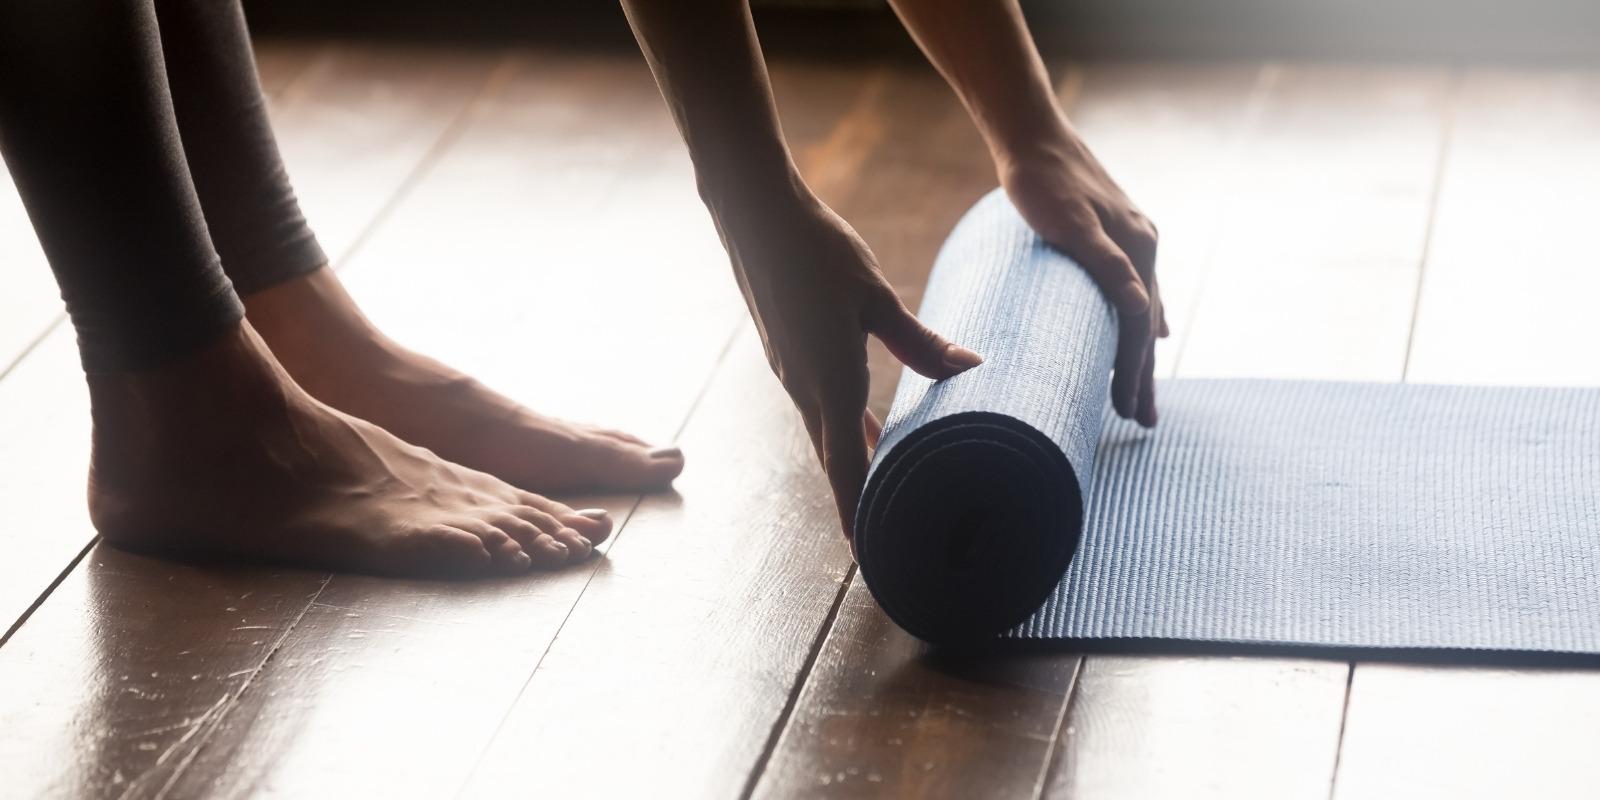 Exercitii de Yoga si Pilates pentru incepatori